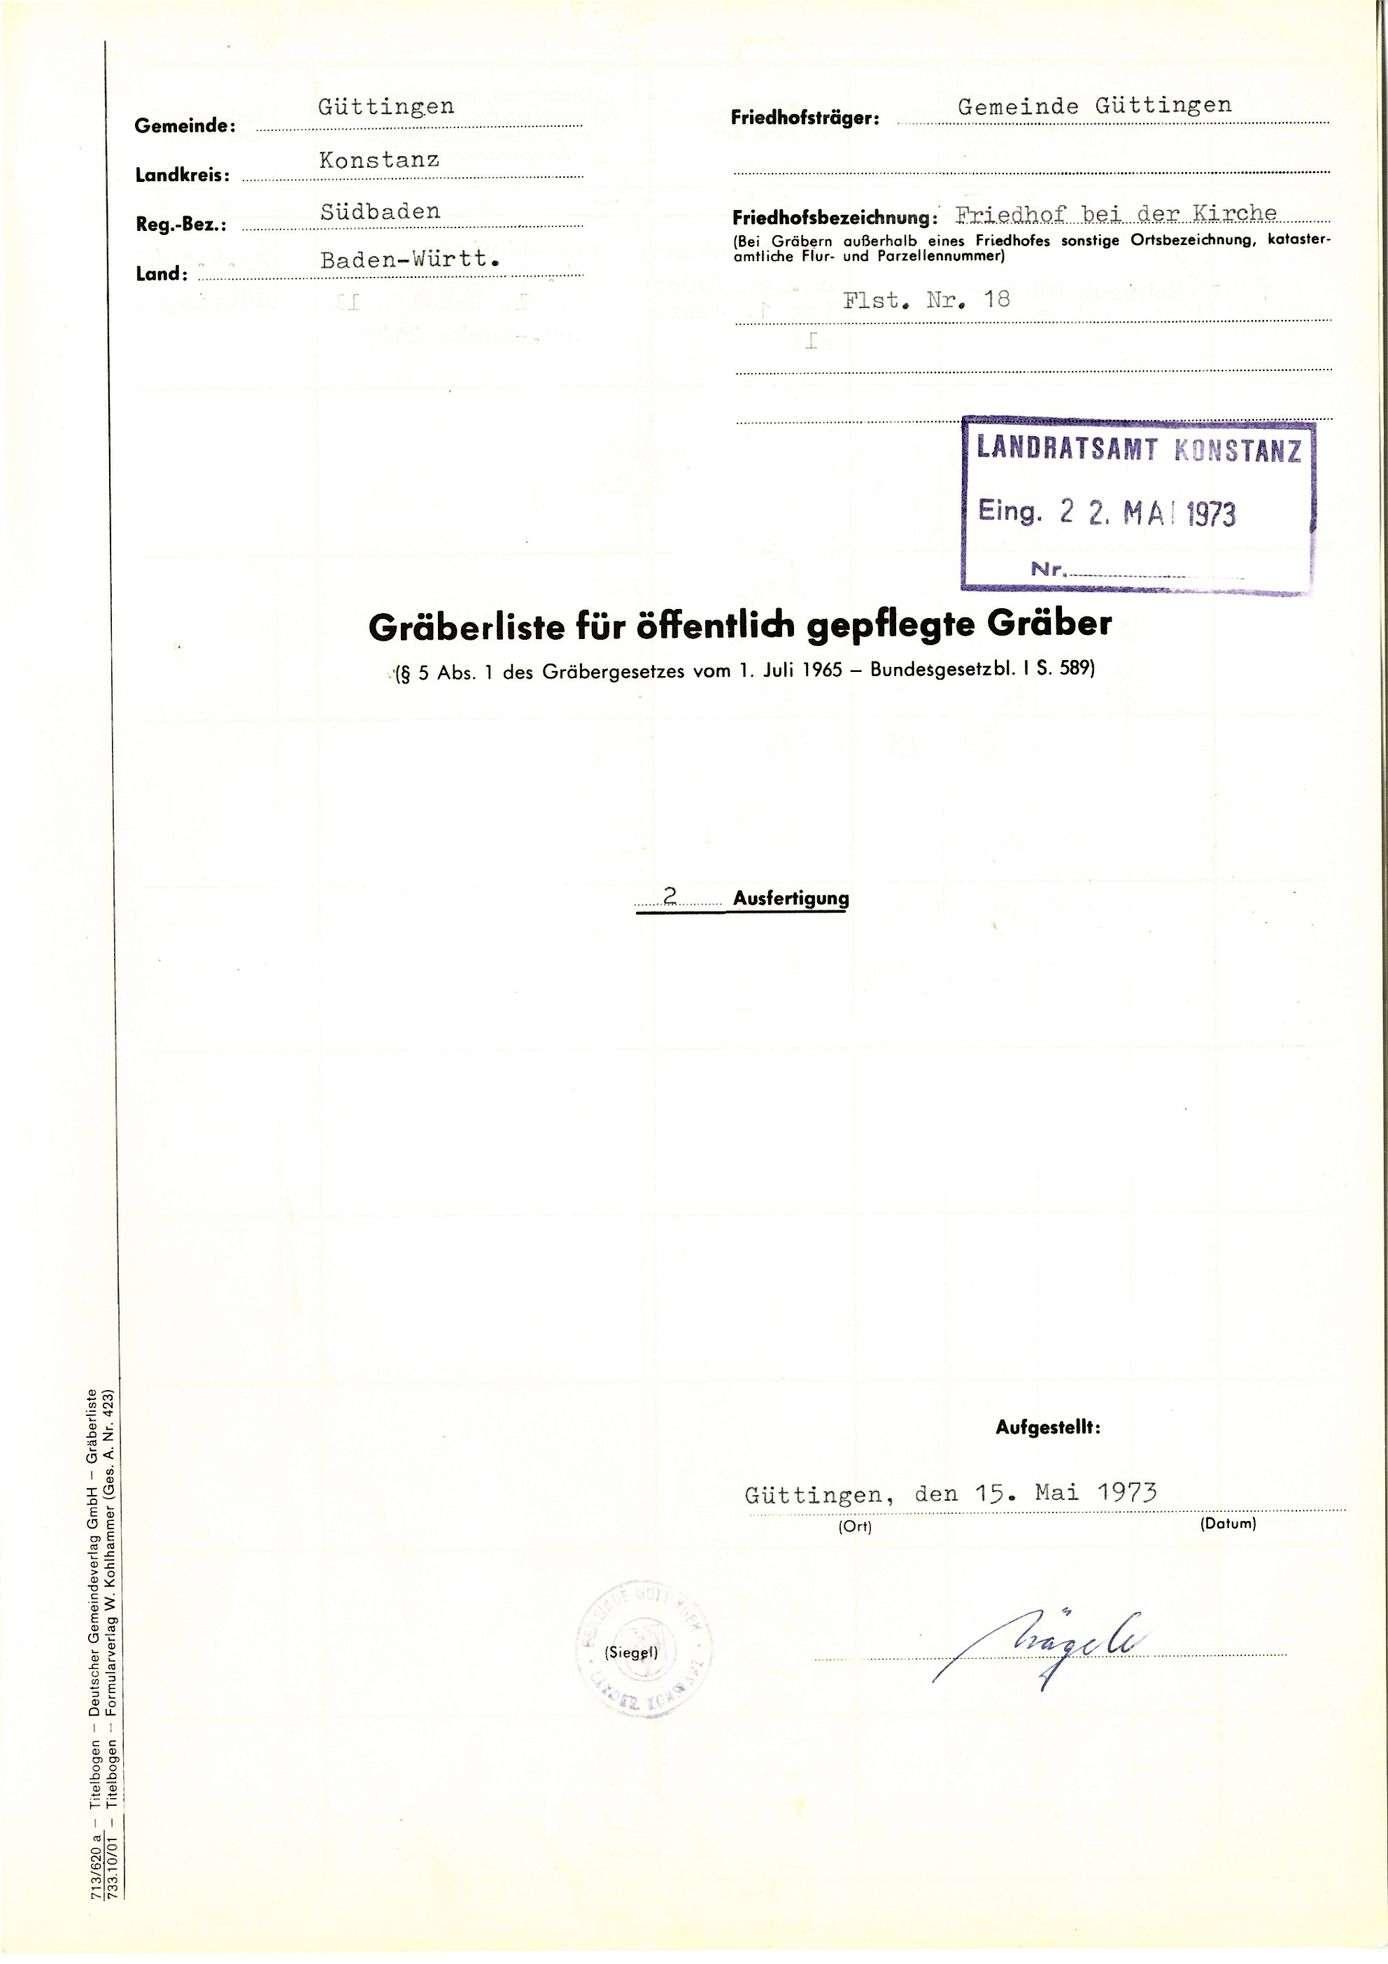 Güttingen, Bild 1